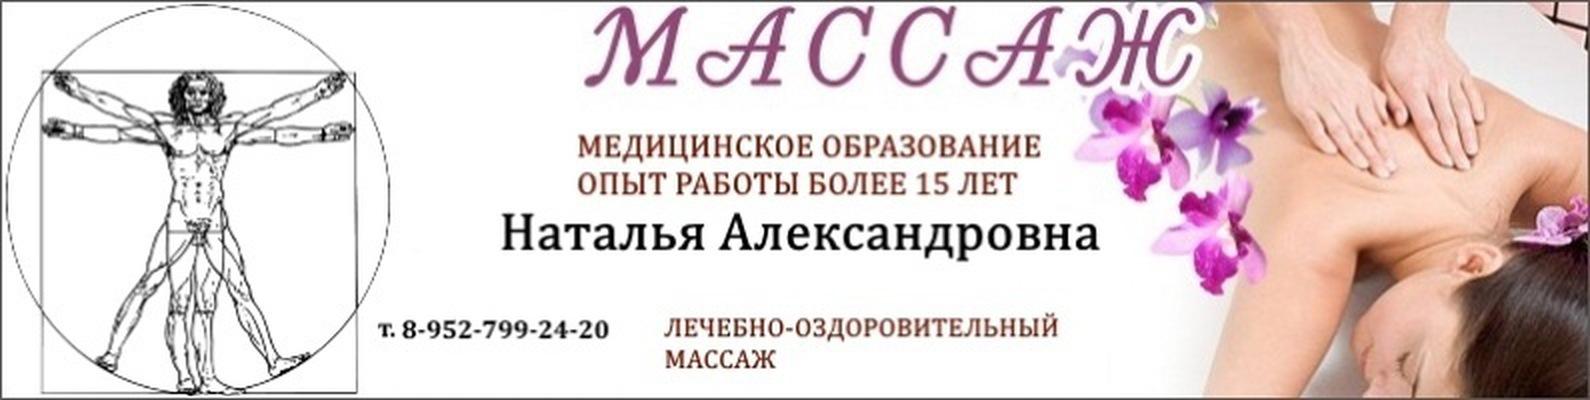 Массаж в калининграде частные объявления фарпост хабаровск дать объявление